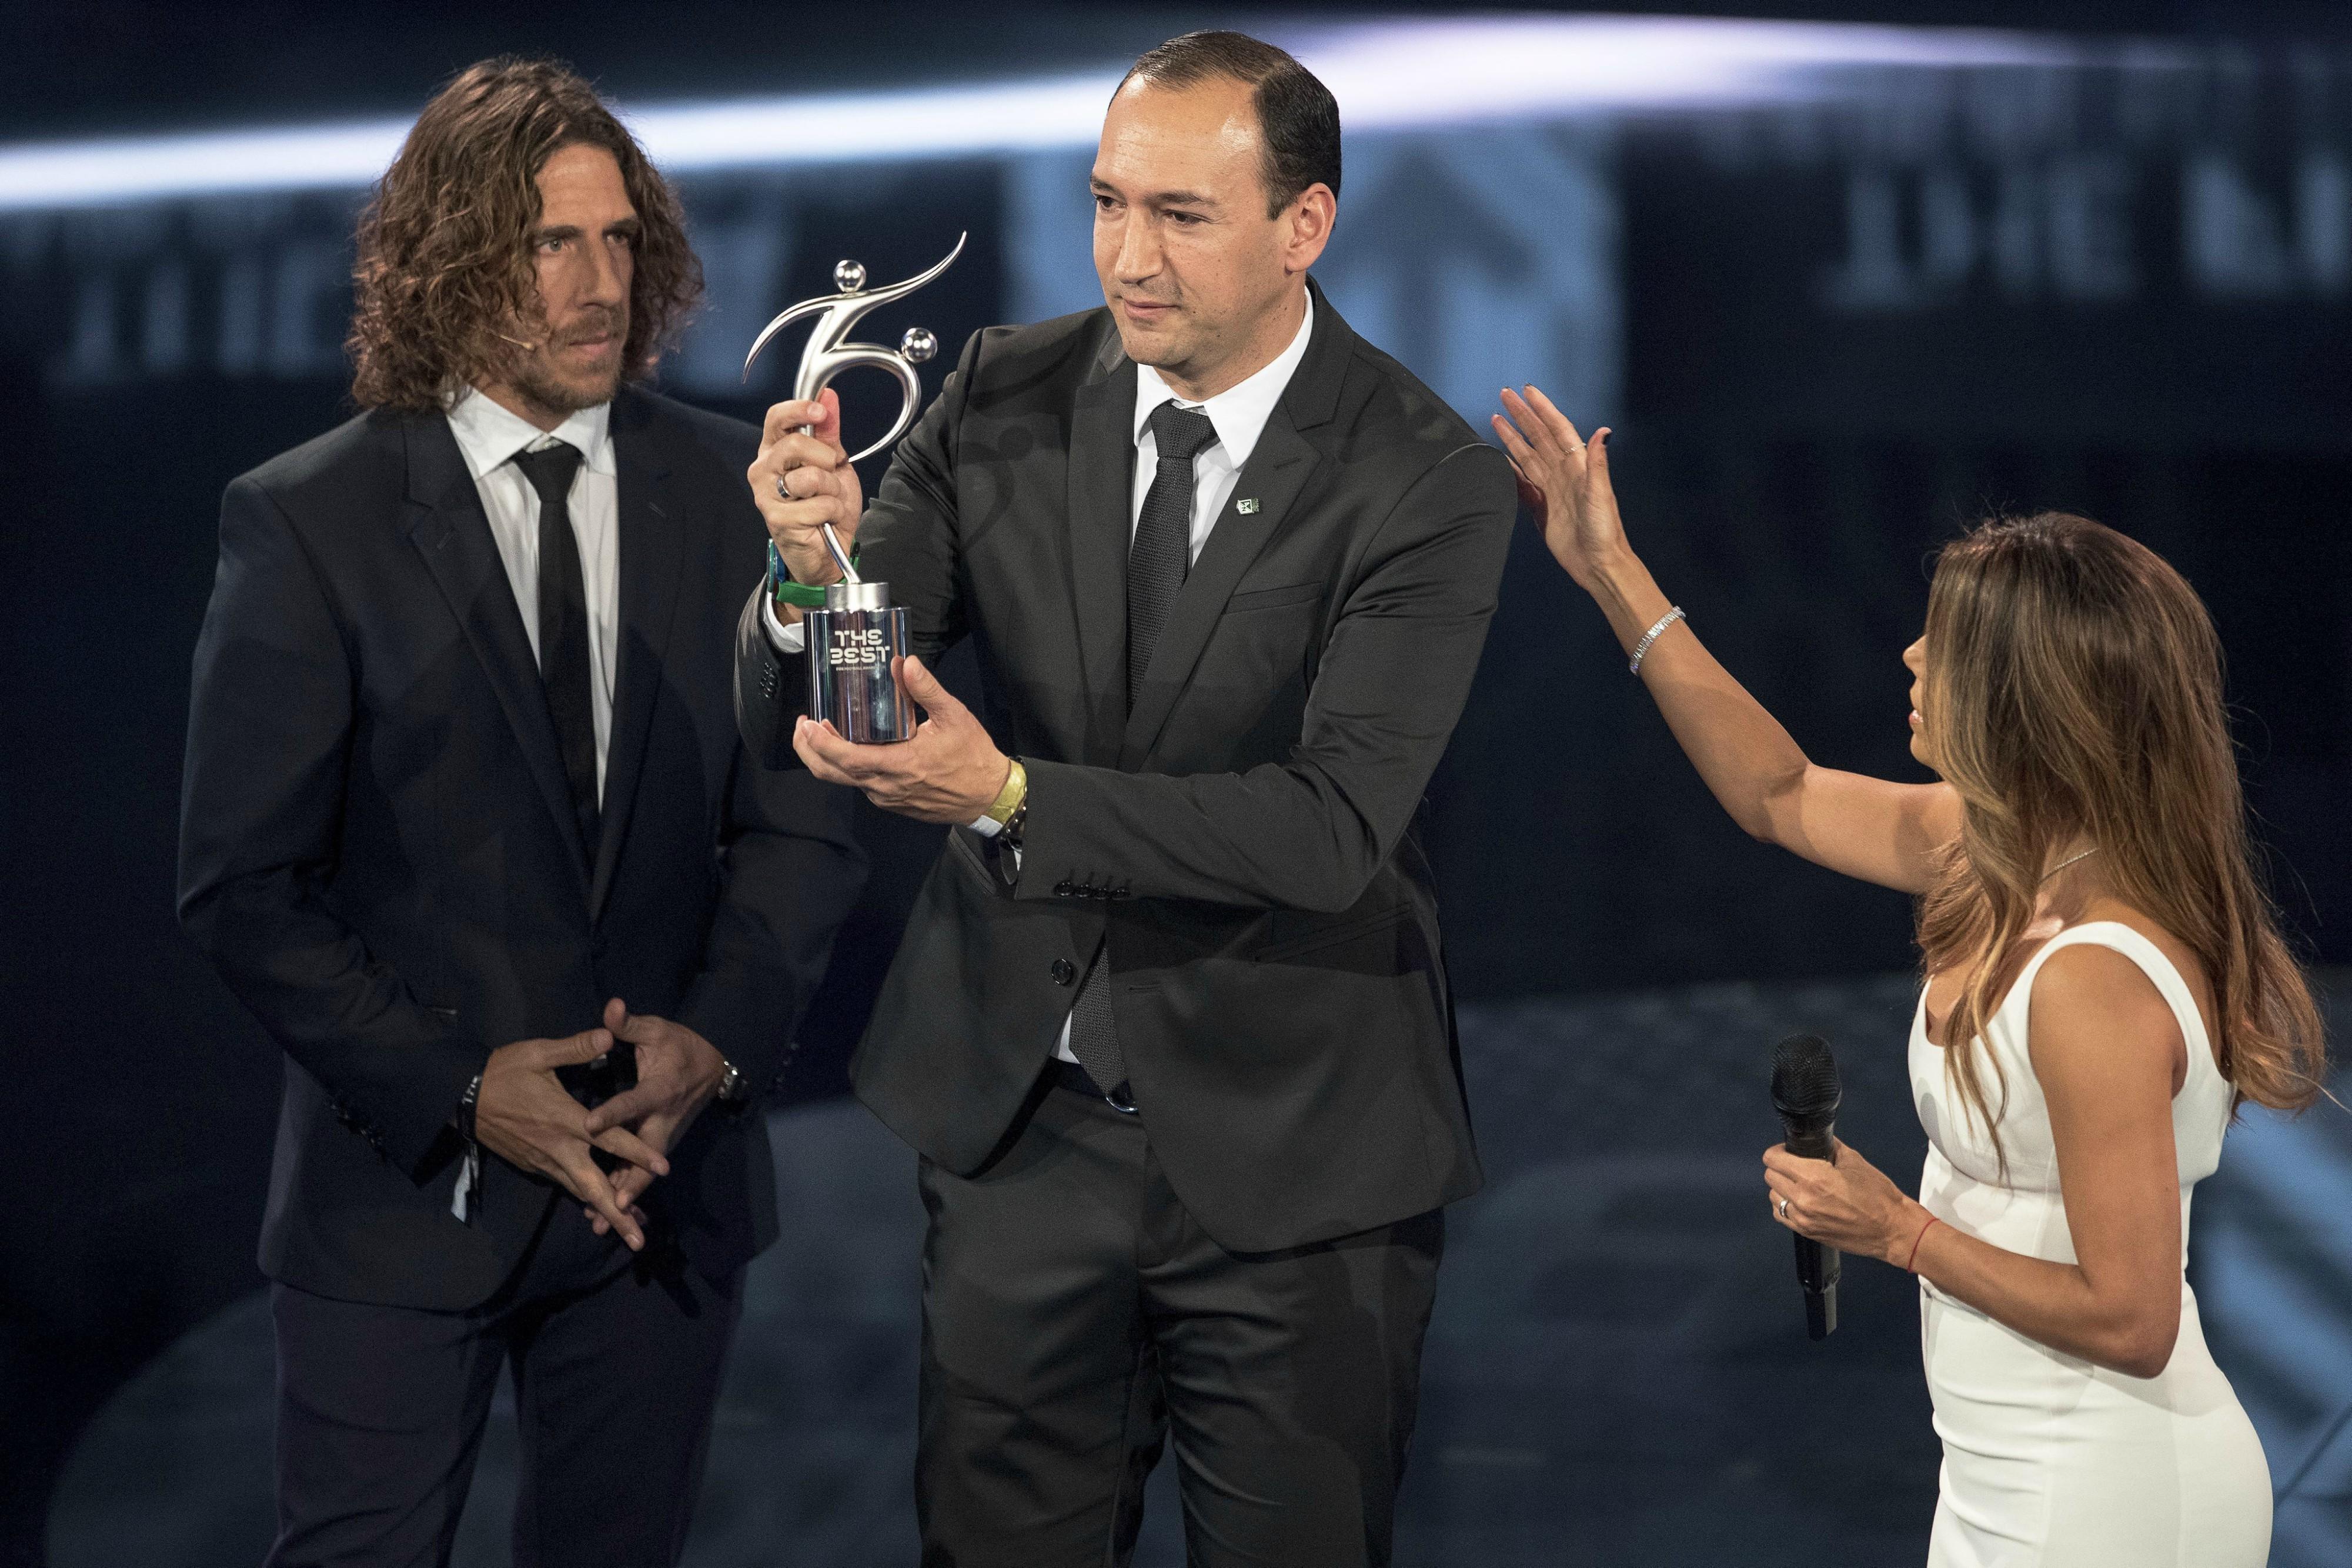 atletico_nacional_medellin_juan_carlos_cuesta_premio_juego_limpio_the_best_2017_1349x594